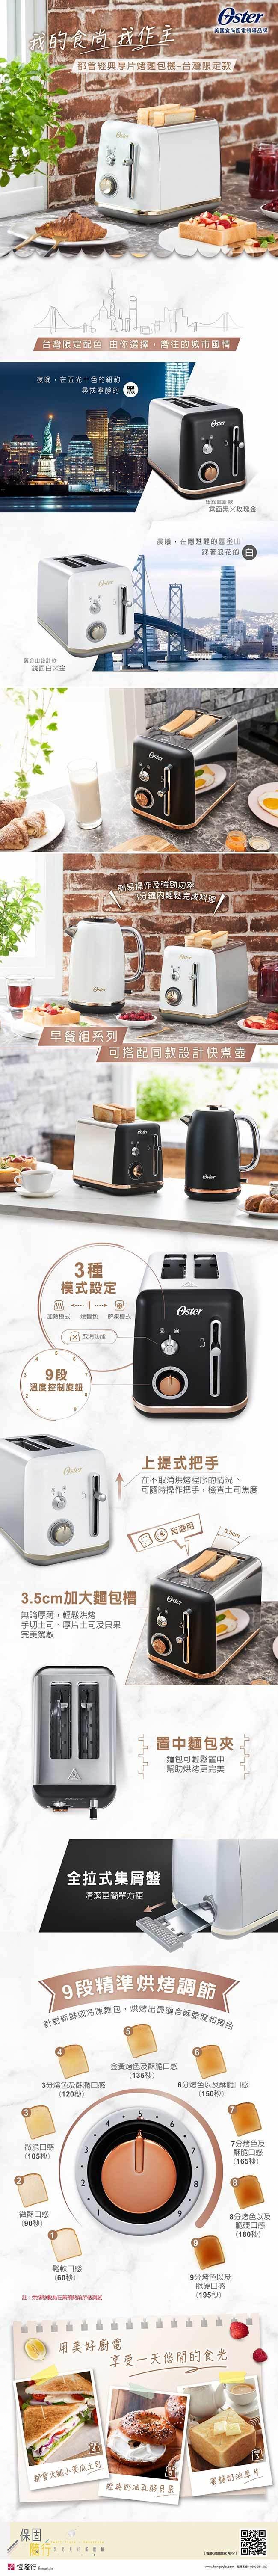 美國Oster-紐約都會經典厚片烤麵包機(霧面黑) TAST801